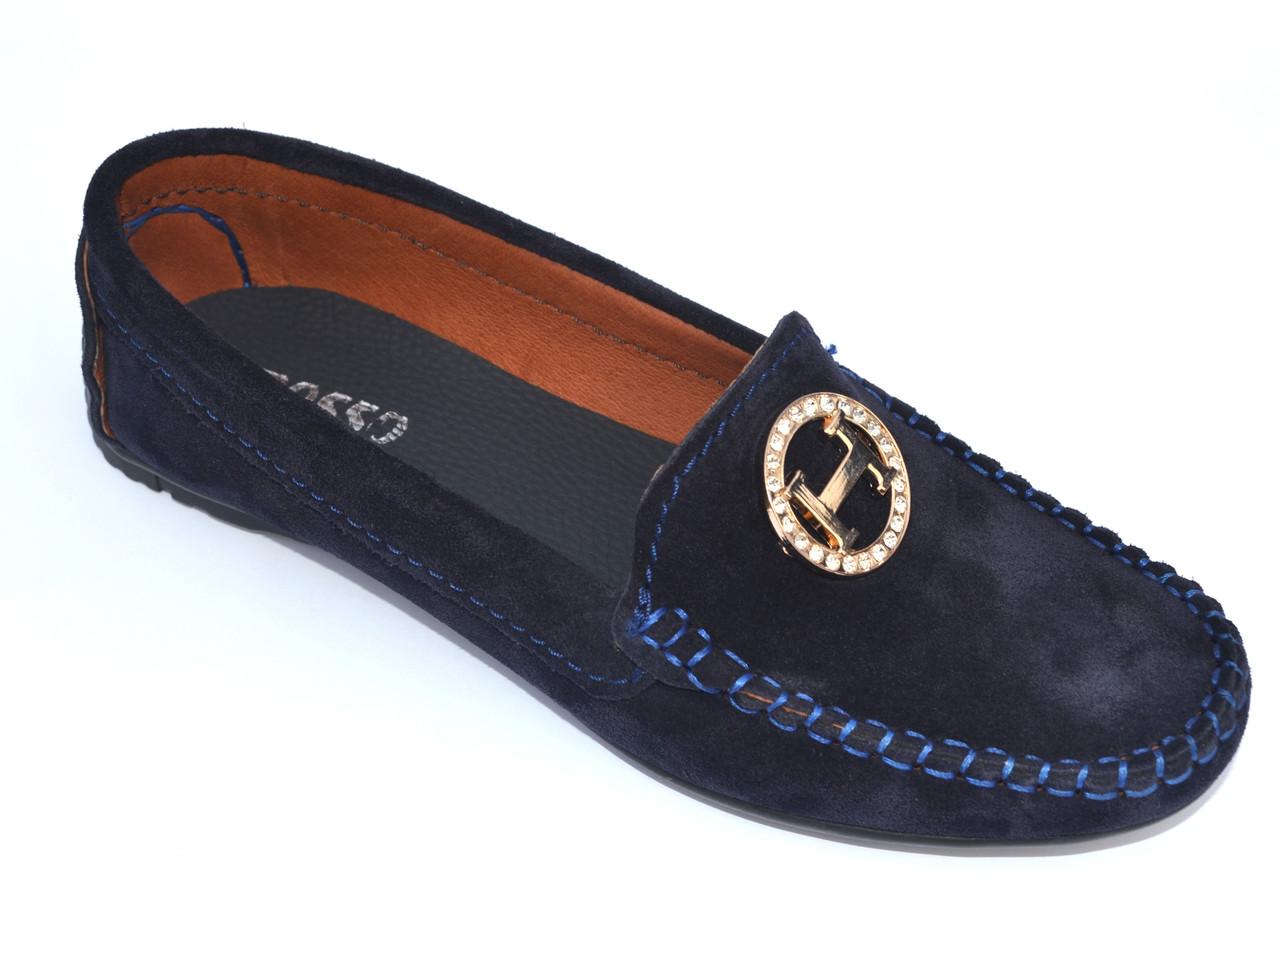 """Мокасины замшевые синие женская обувь большой размер Ornella Blu Hard Vel by Rosso Avangard BS цвет """"Глубина"""""""